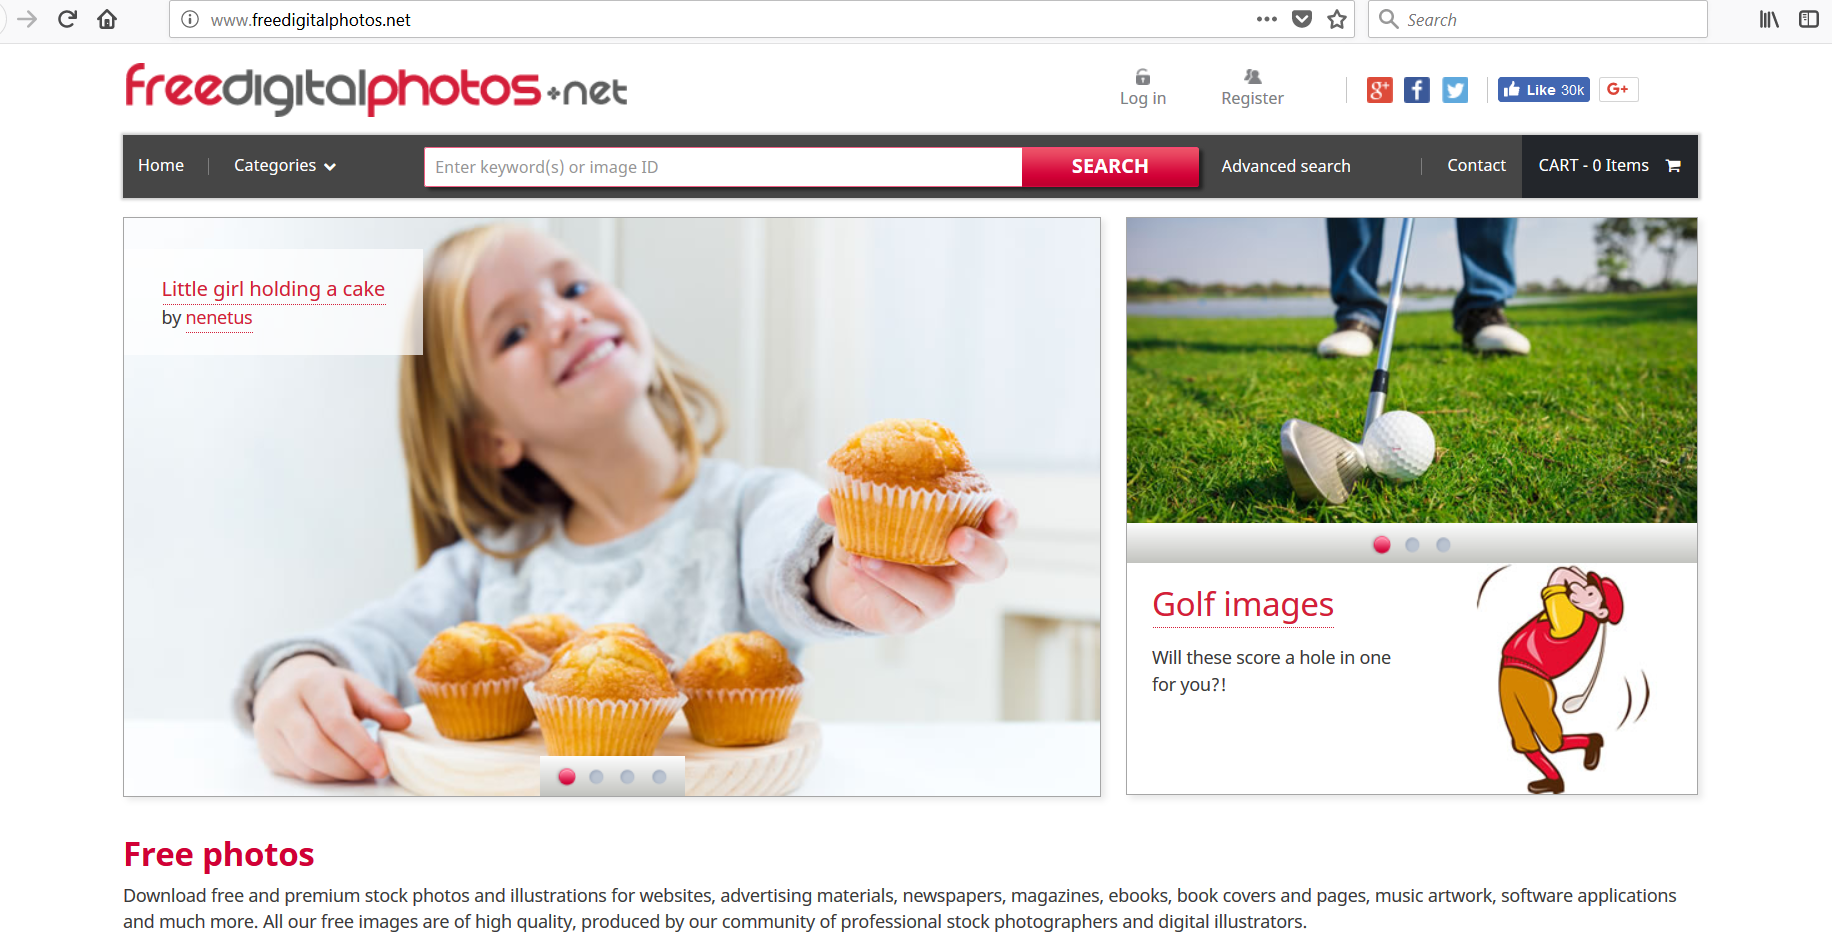 تصاویر مورد نیاز برای تولید محتوا